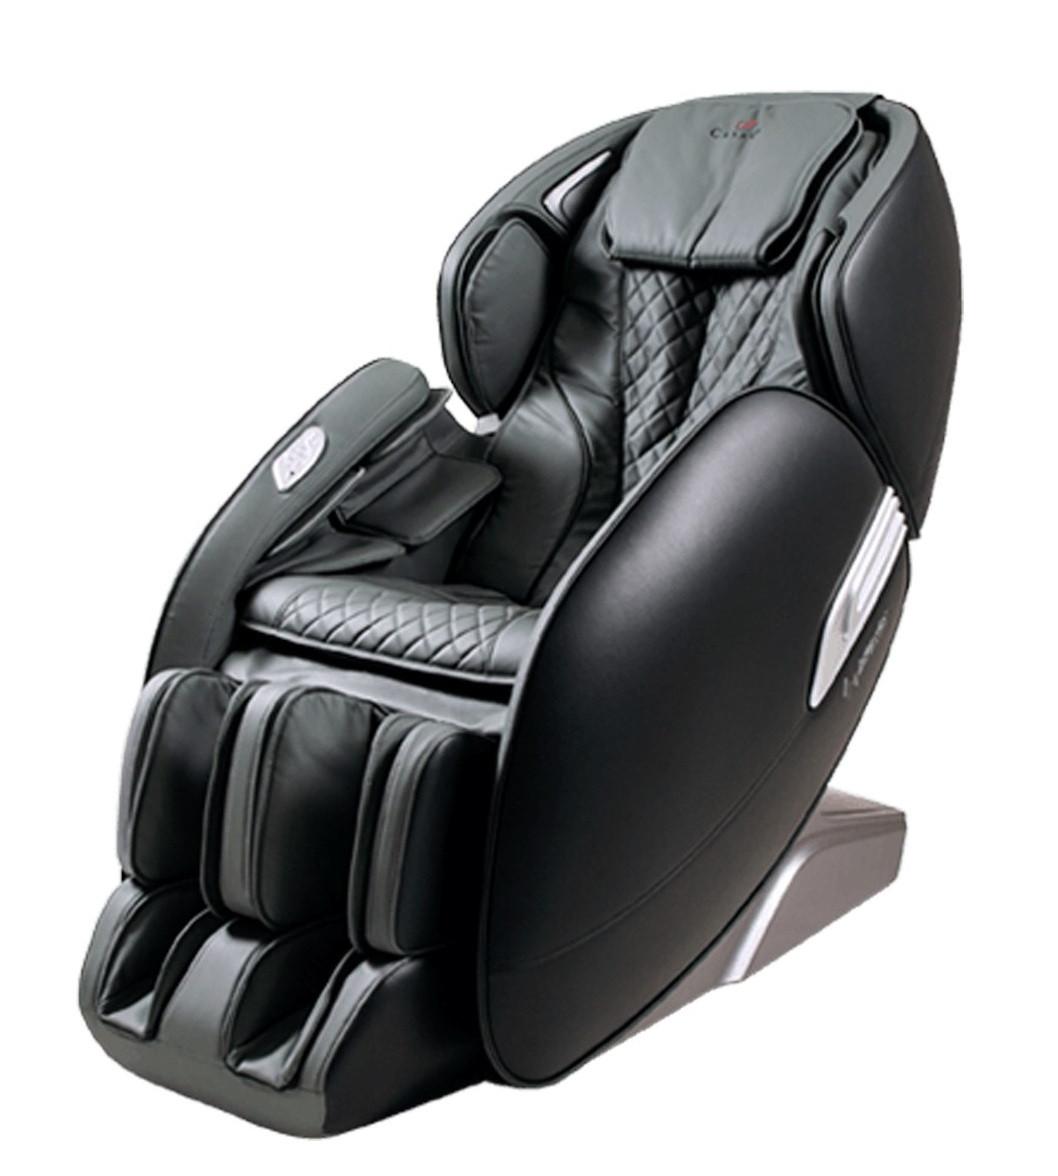 Массажное кресло Casada Alphasonic 2 Black Grey